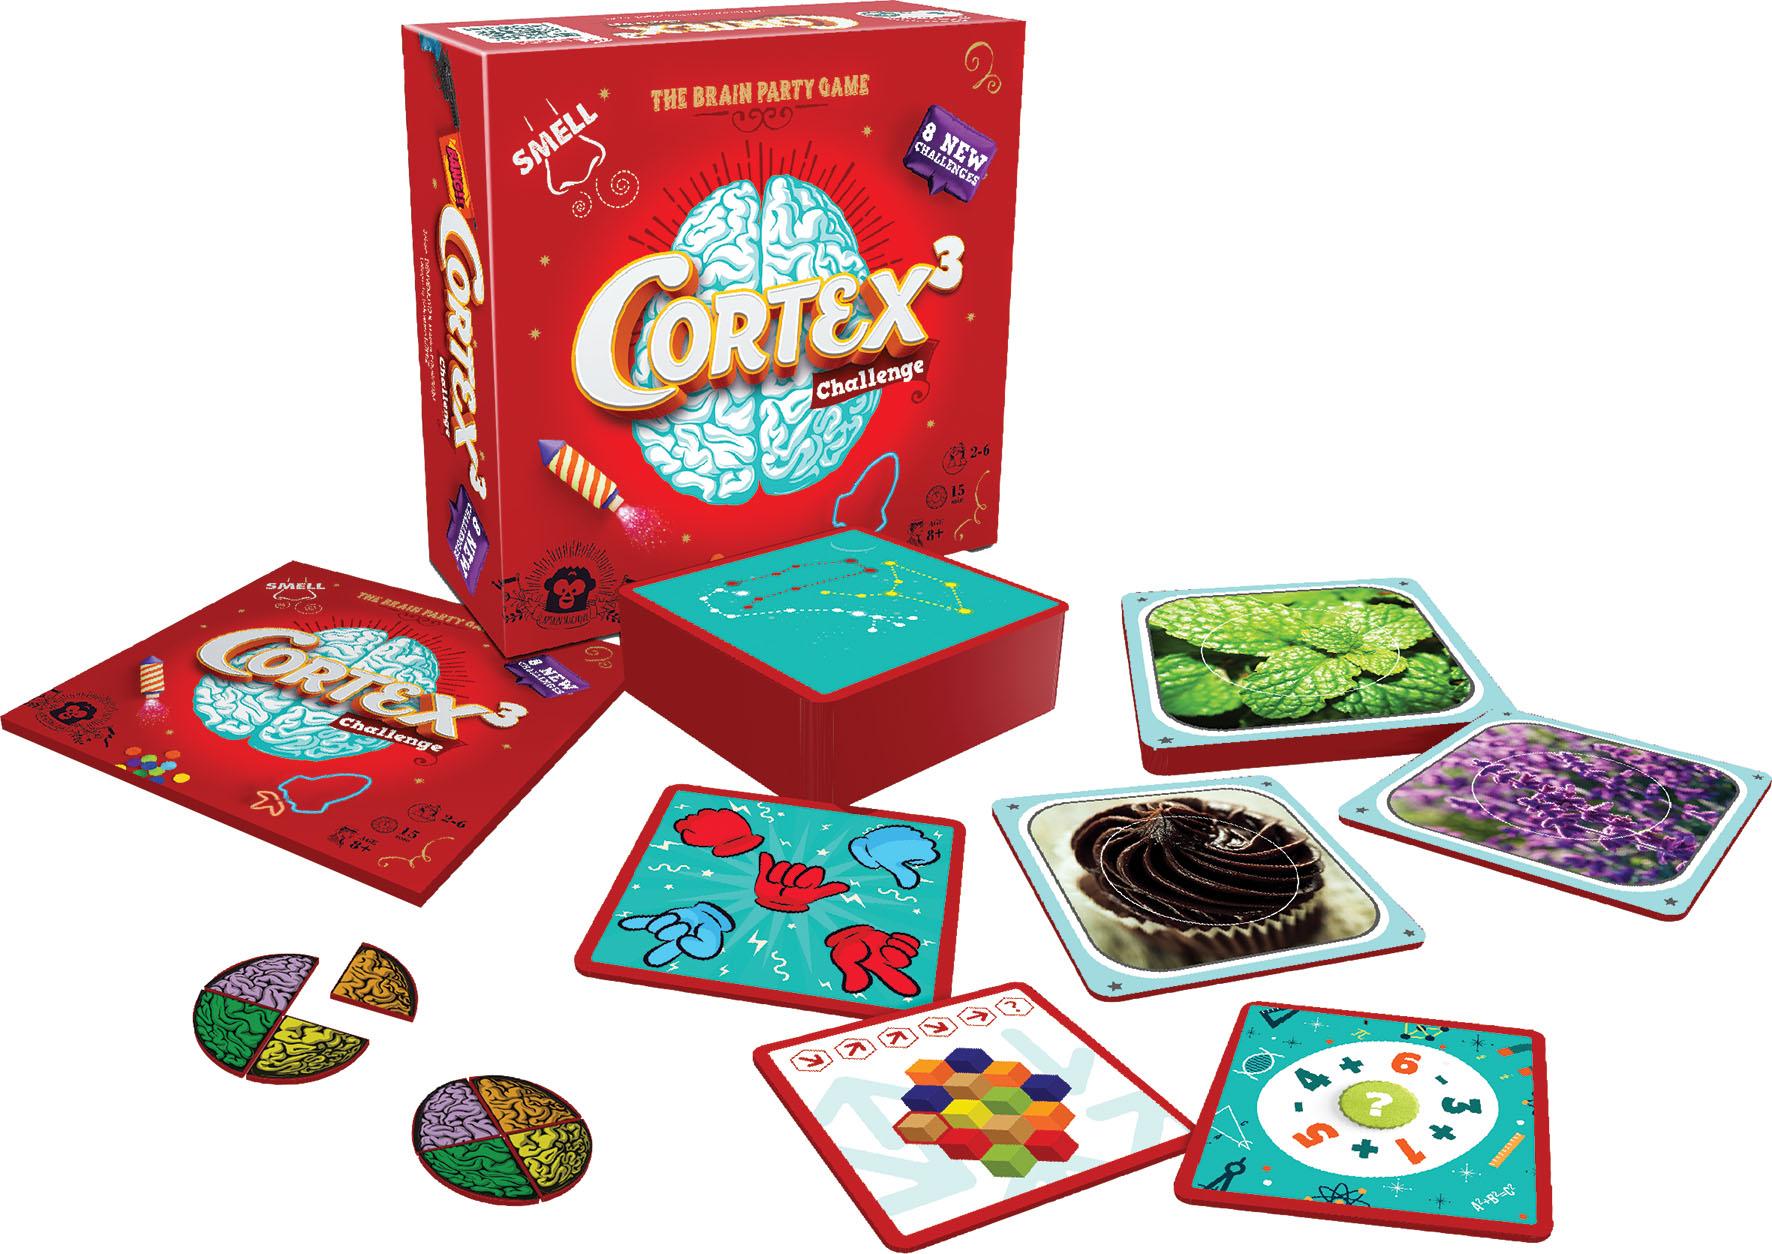 CORTEX CHALLENGE ROSSO GIOCO